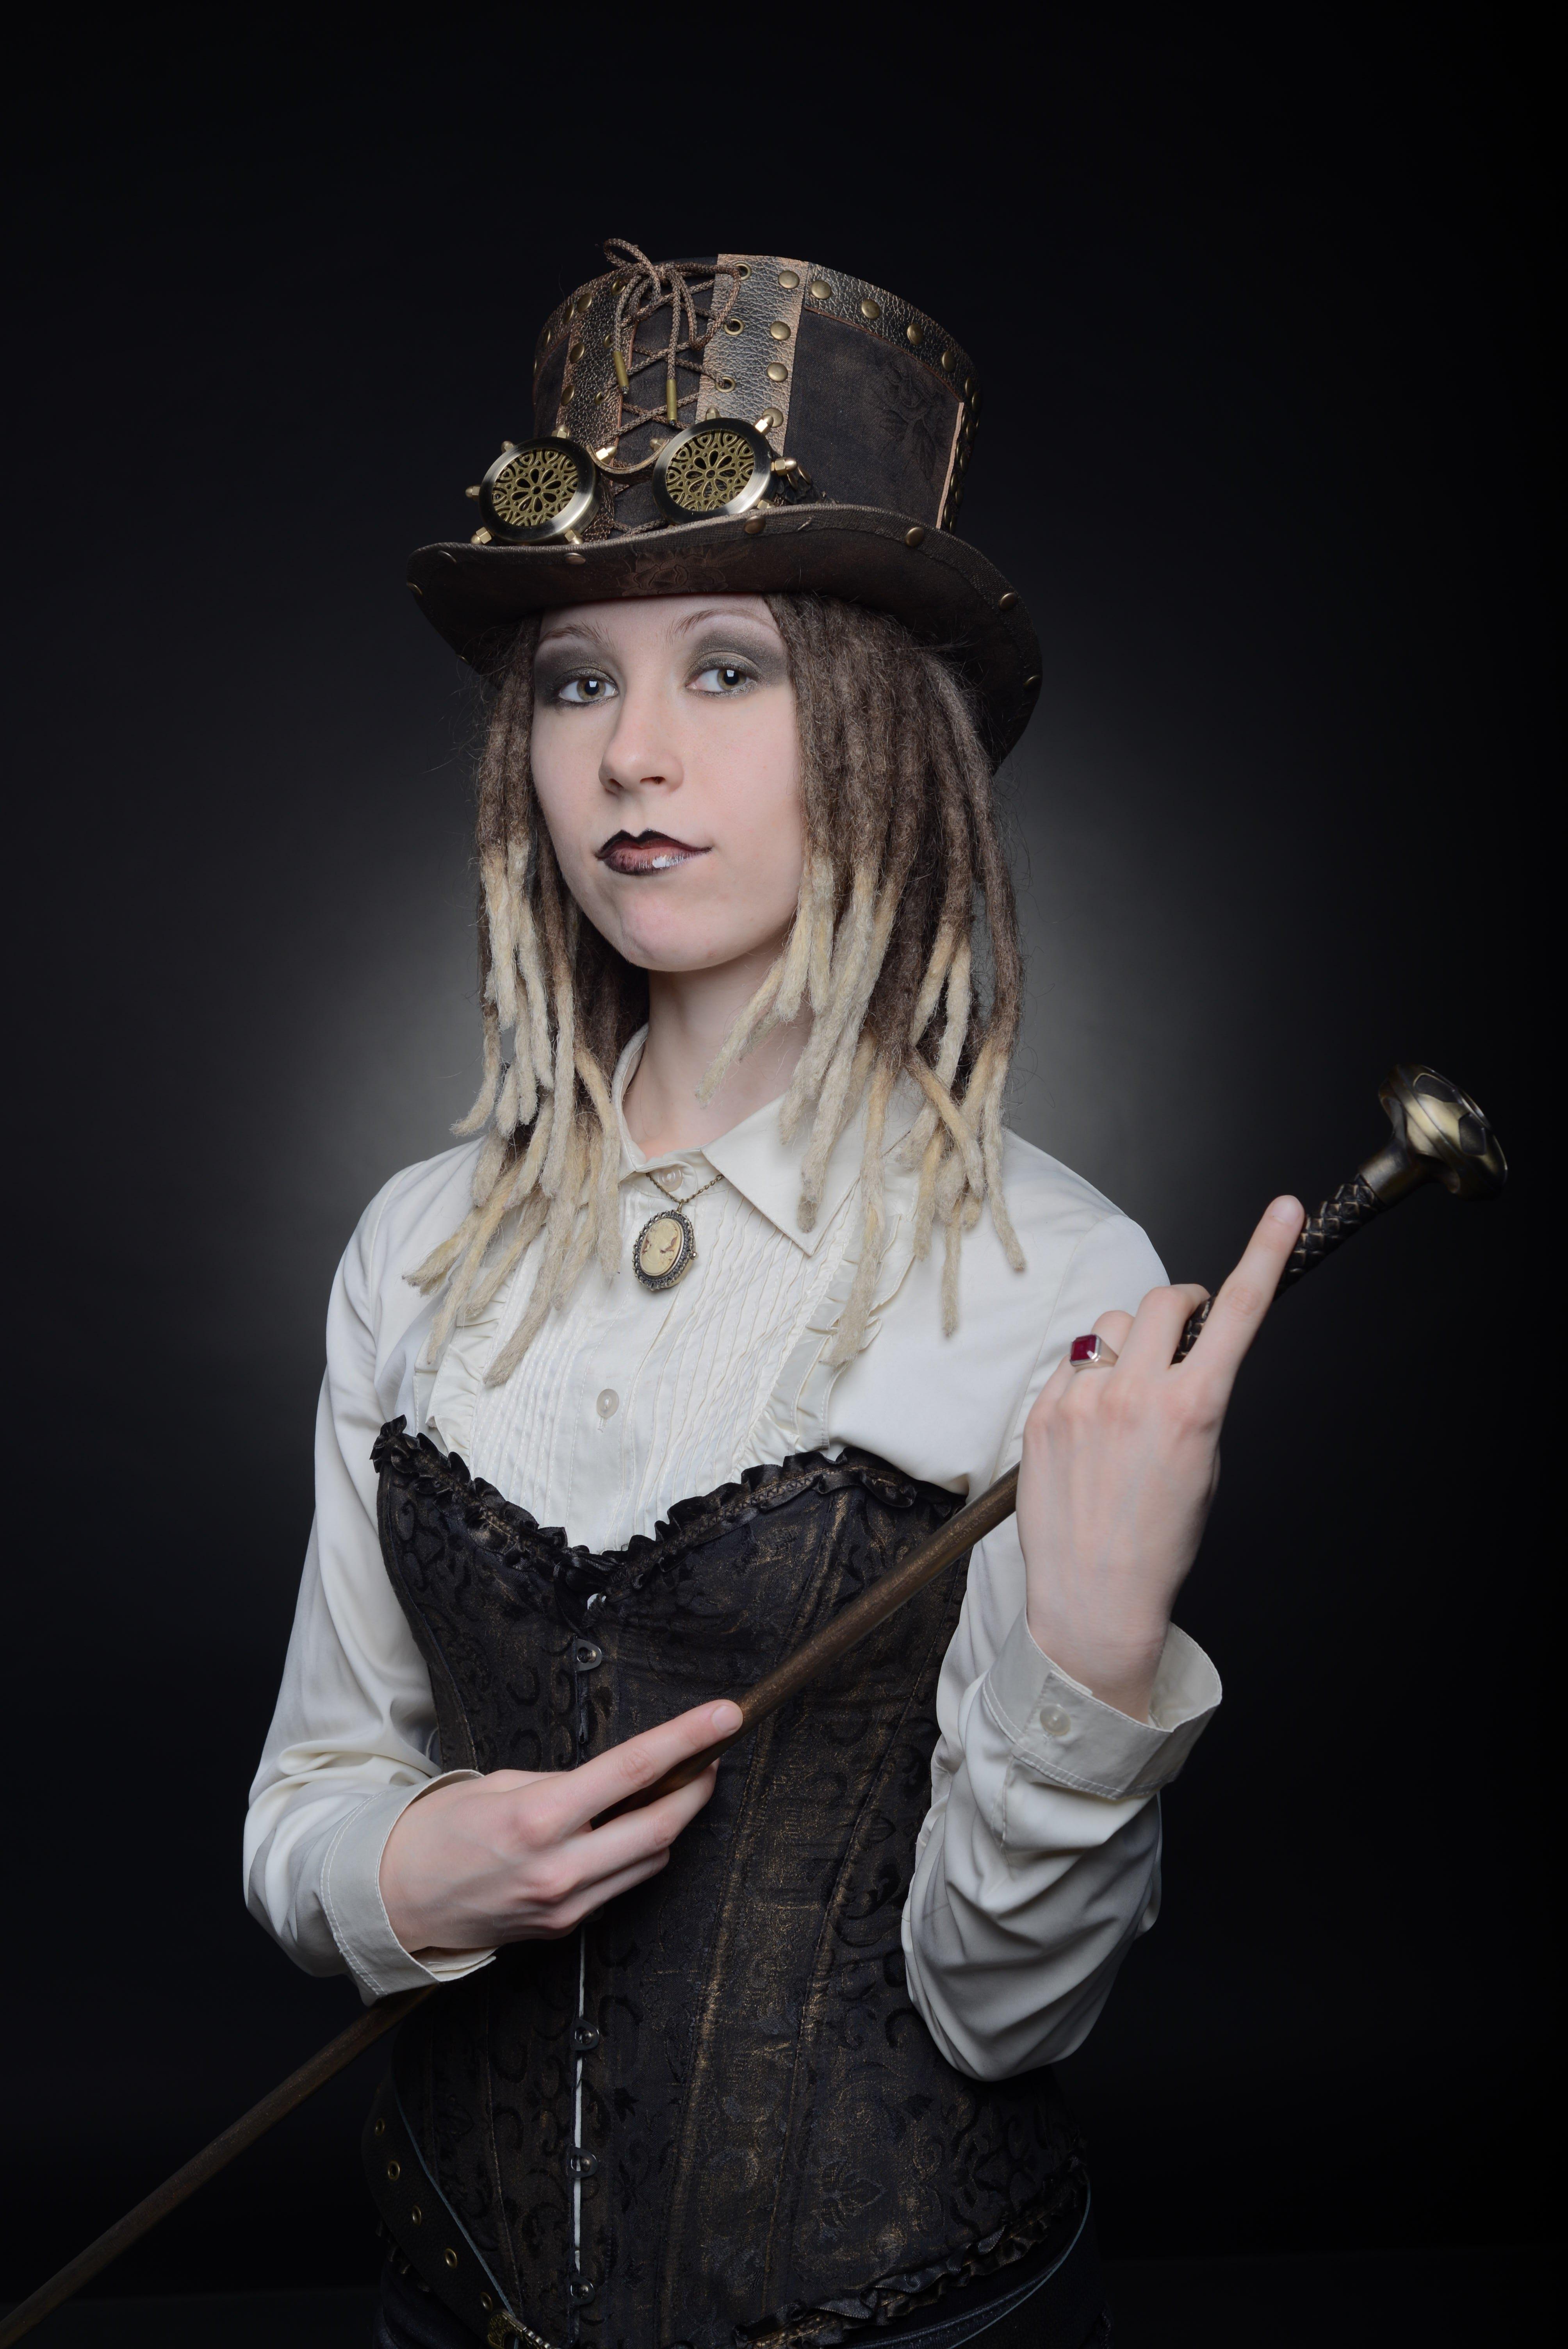 Фото девушки в шляпе с тростью